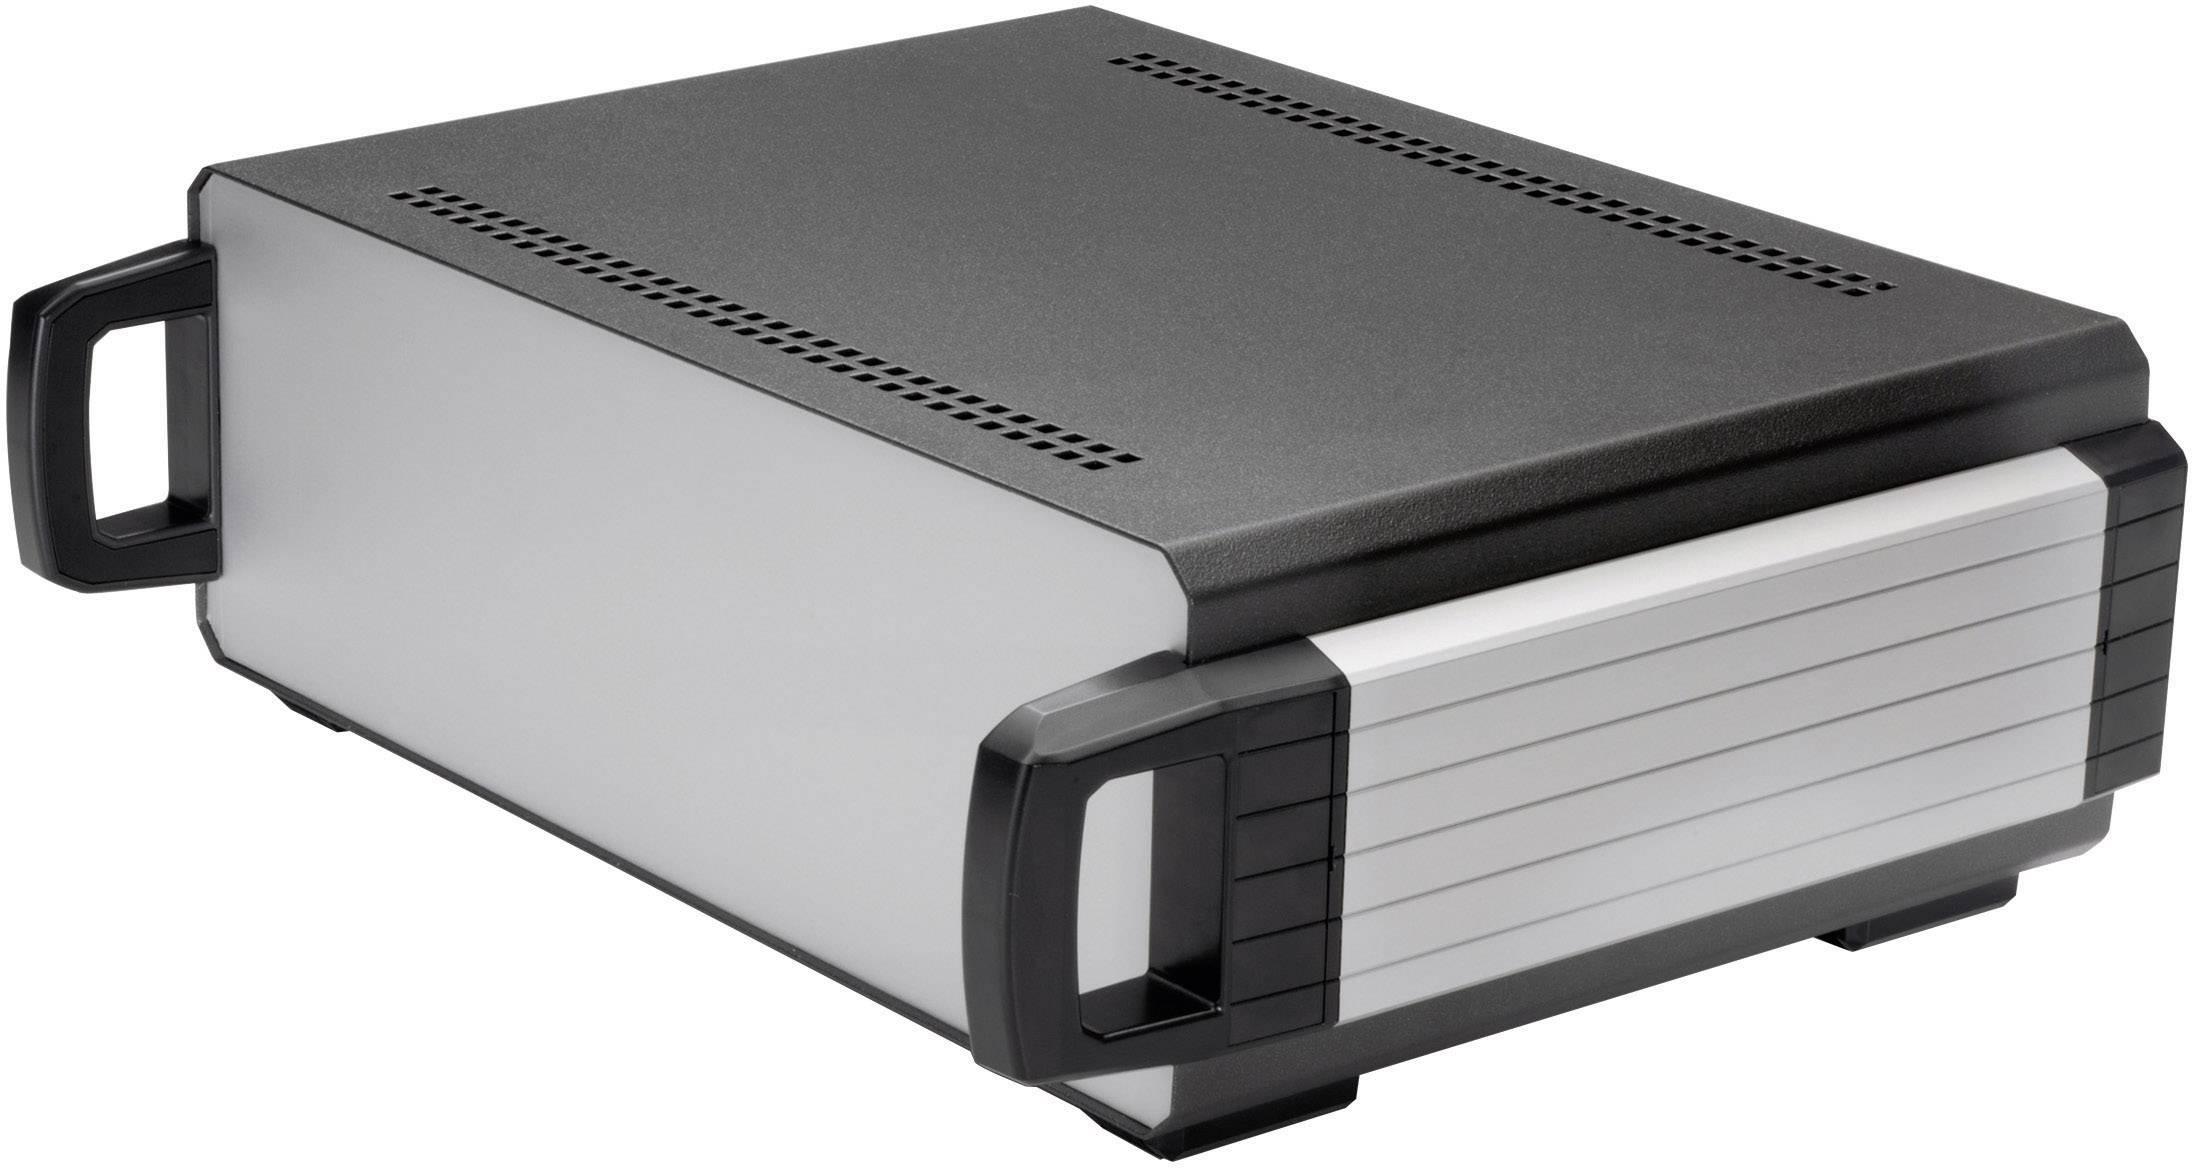 Puzdro na stôl Axxatronic CDIC00002-CON, 200 x 200 x 70 mm, hliník, antracitová, 1 ks